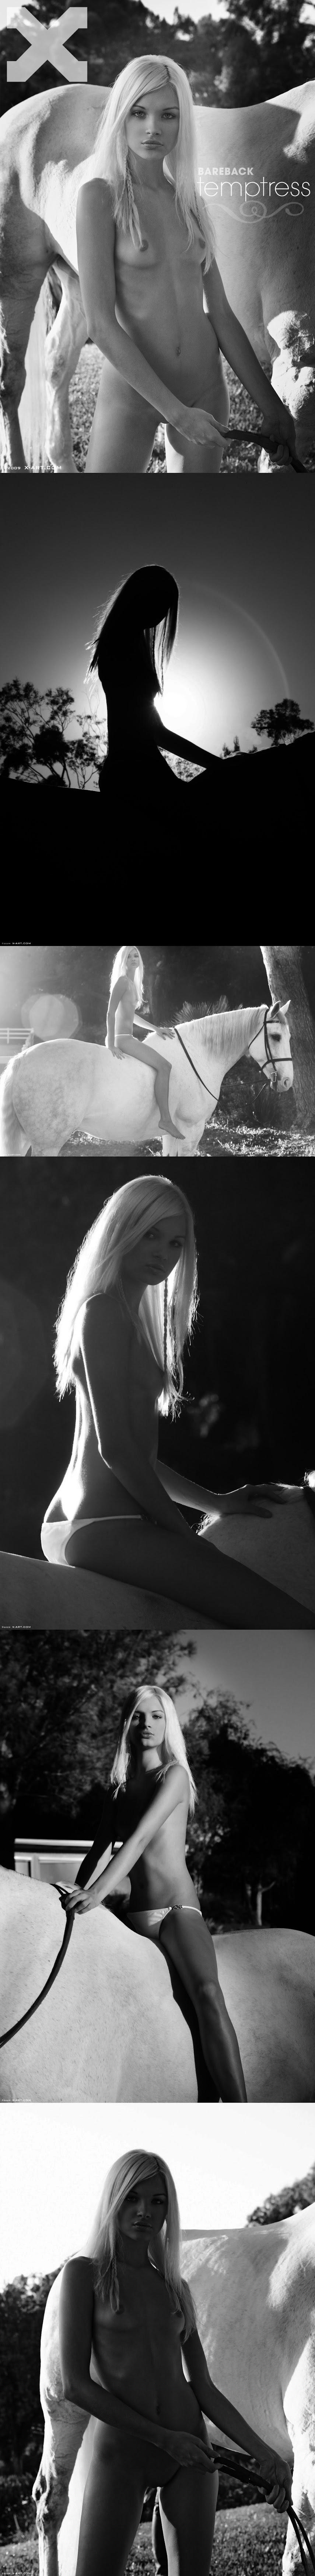 x-art francesca bareback temptress-lrg - Girlsdelta